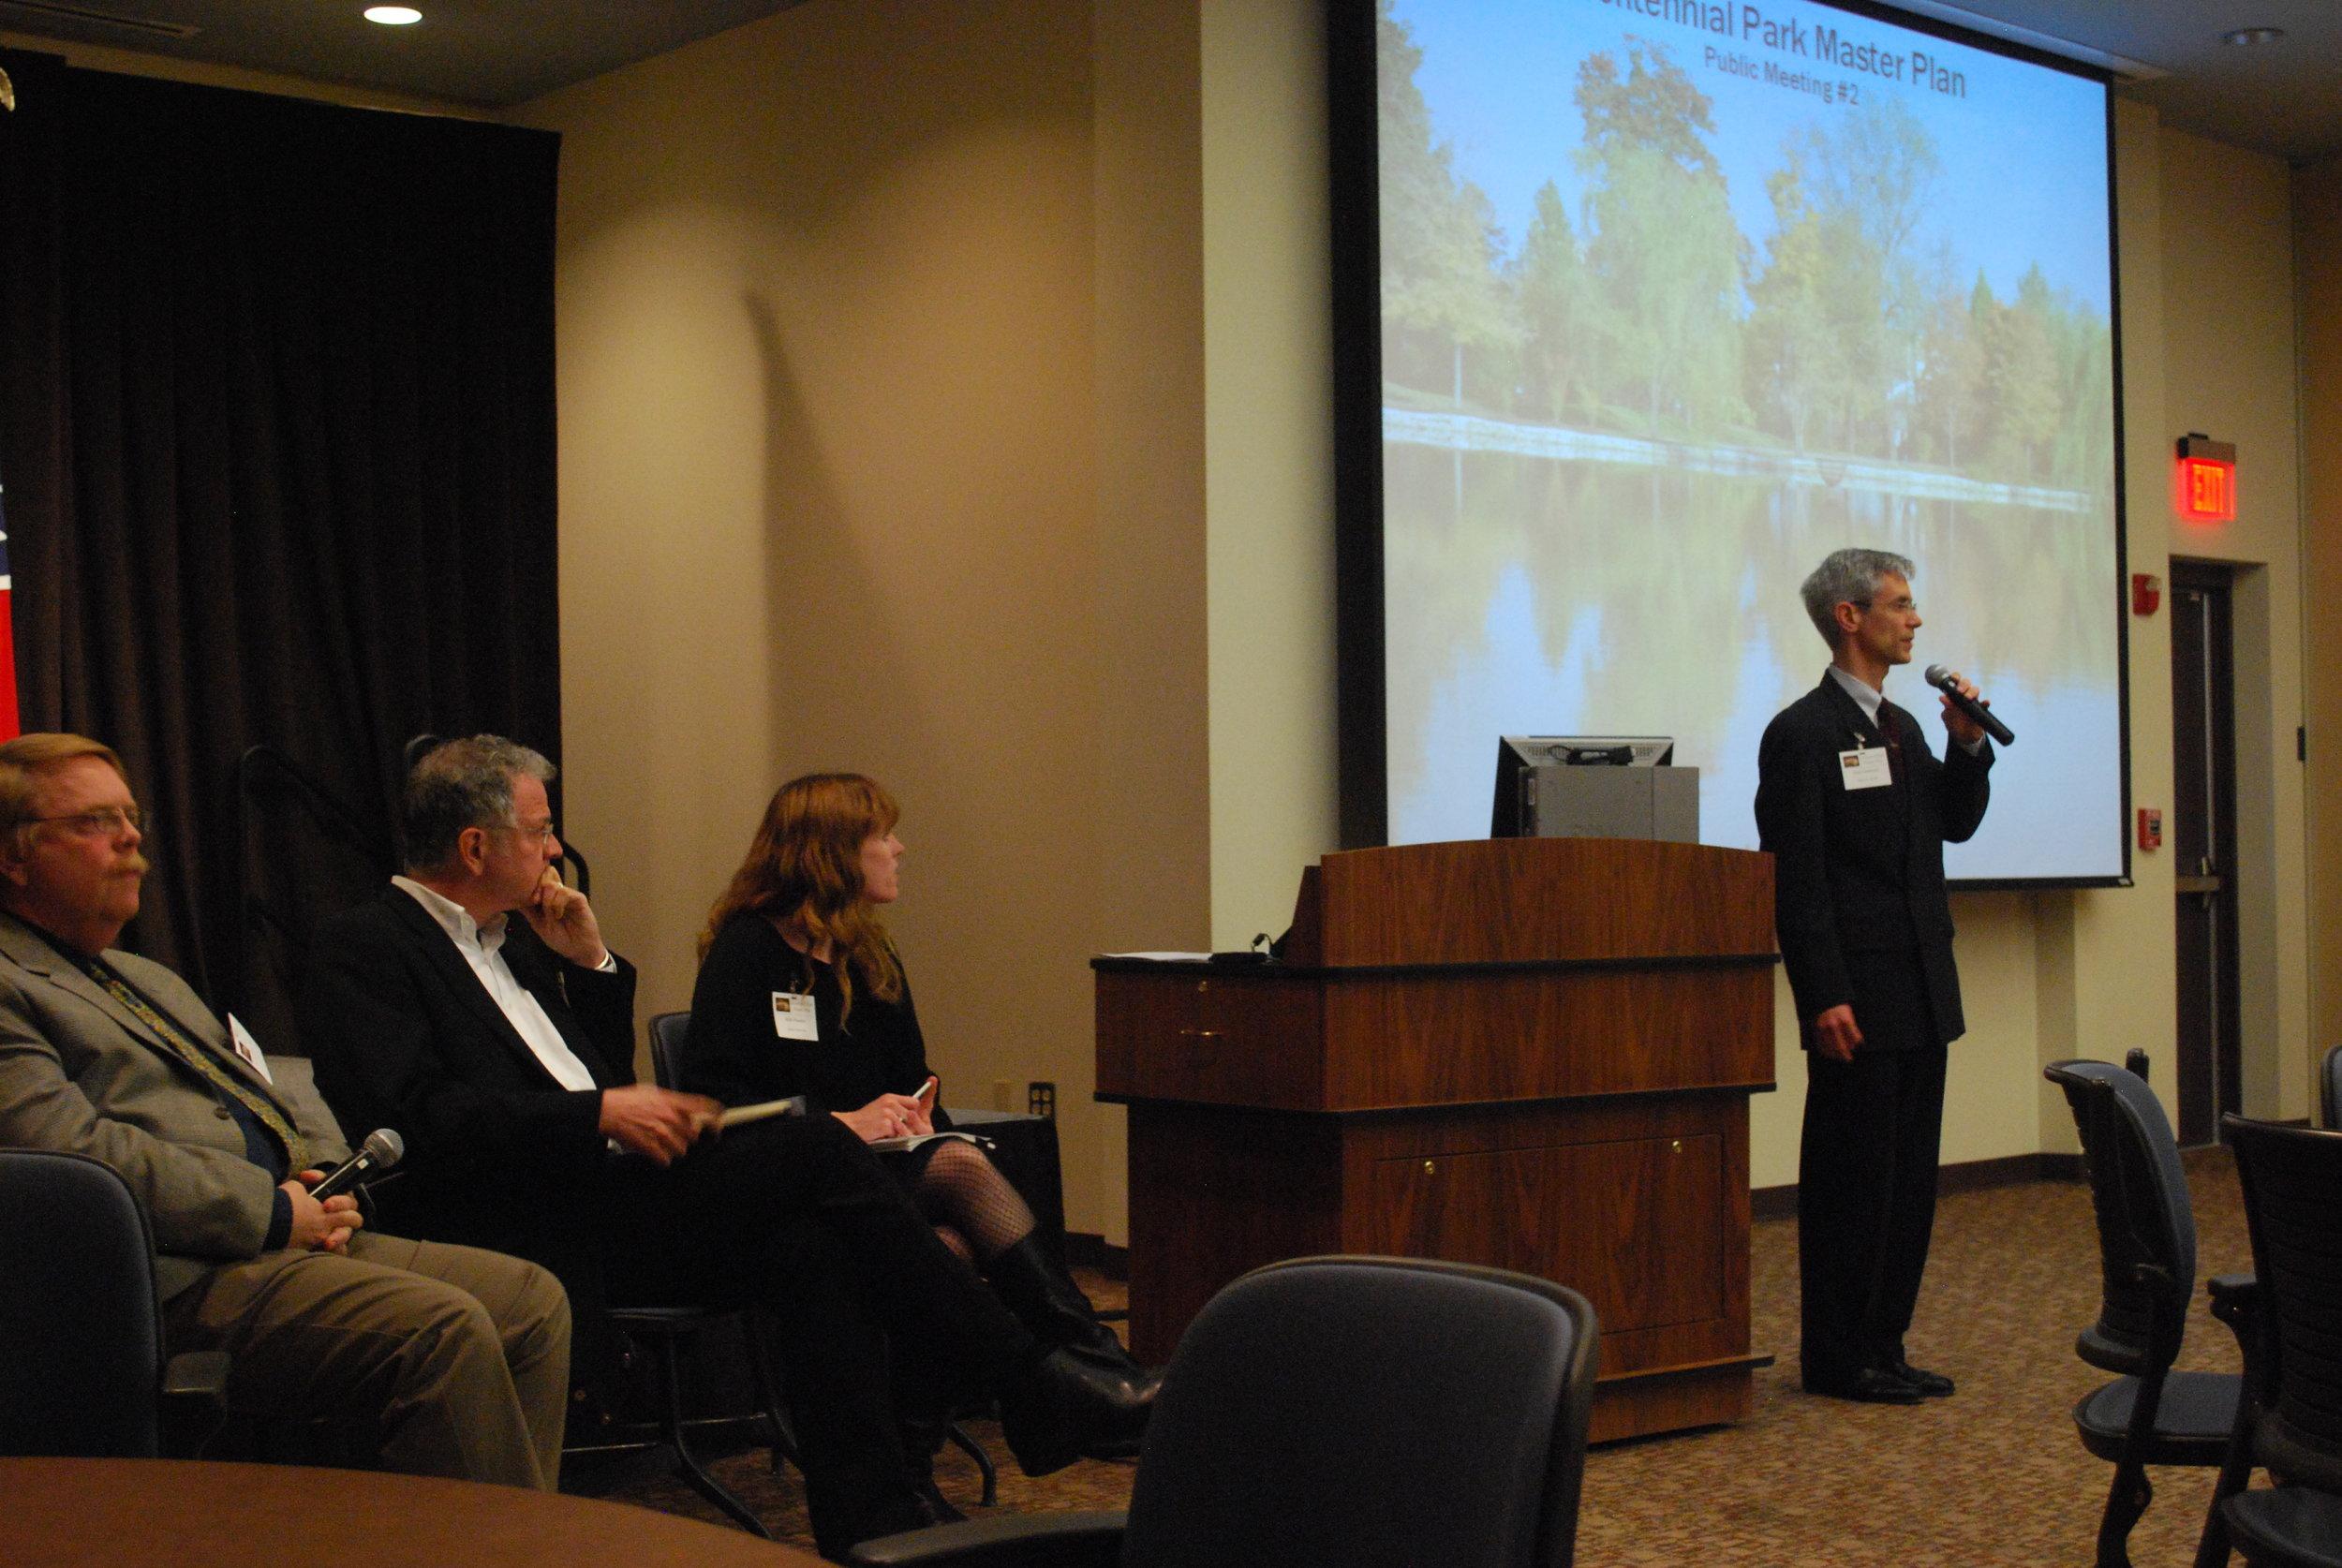 Centennial Park Master Plan_Public Meeting.JPG